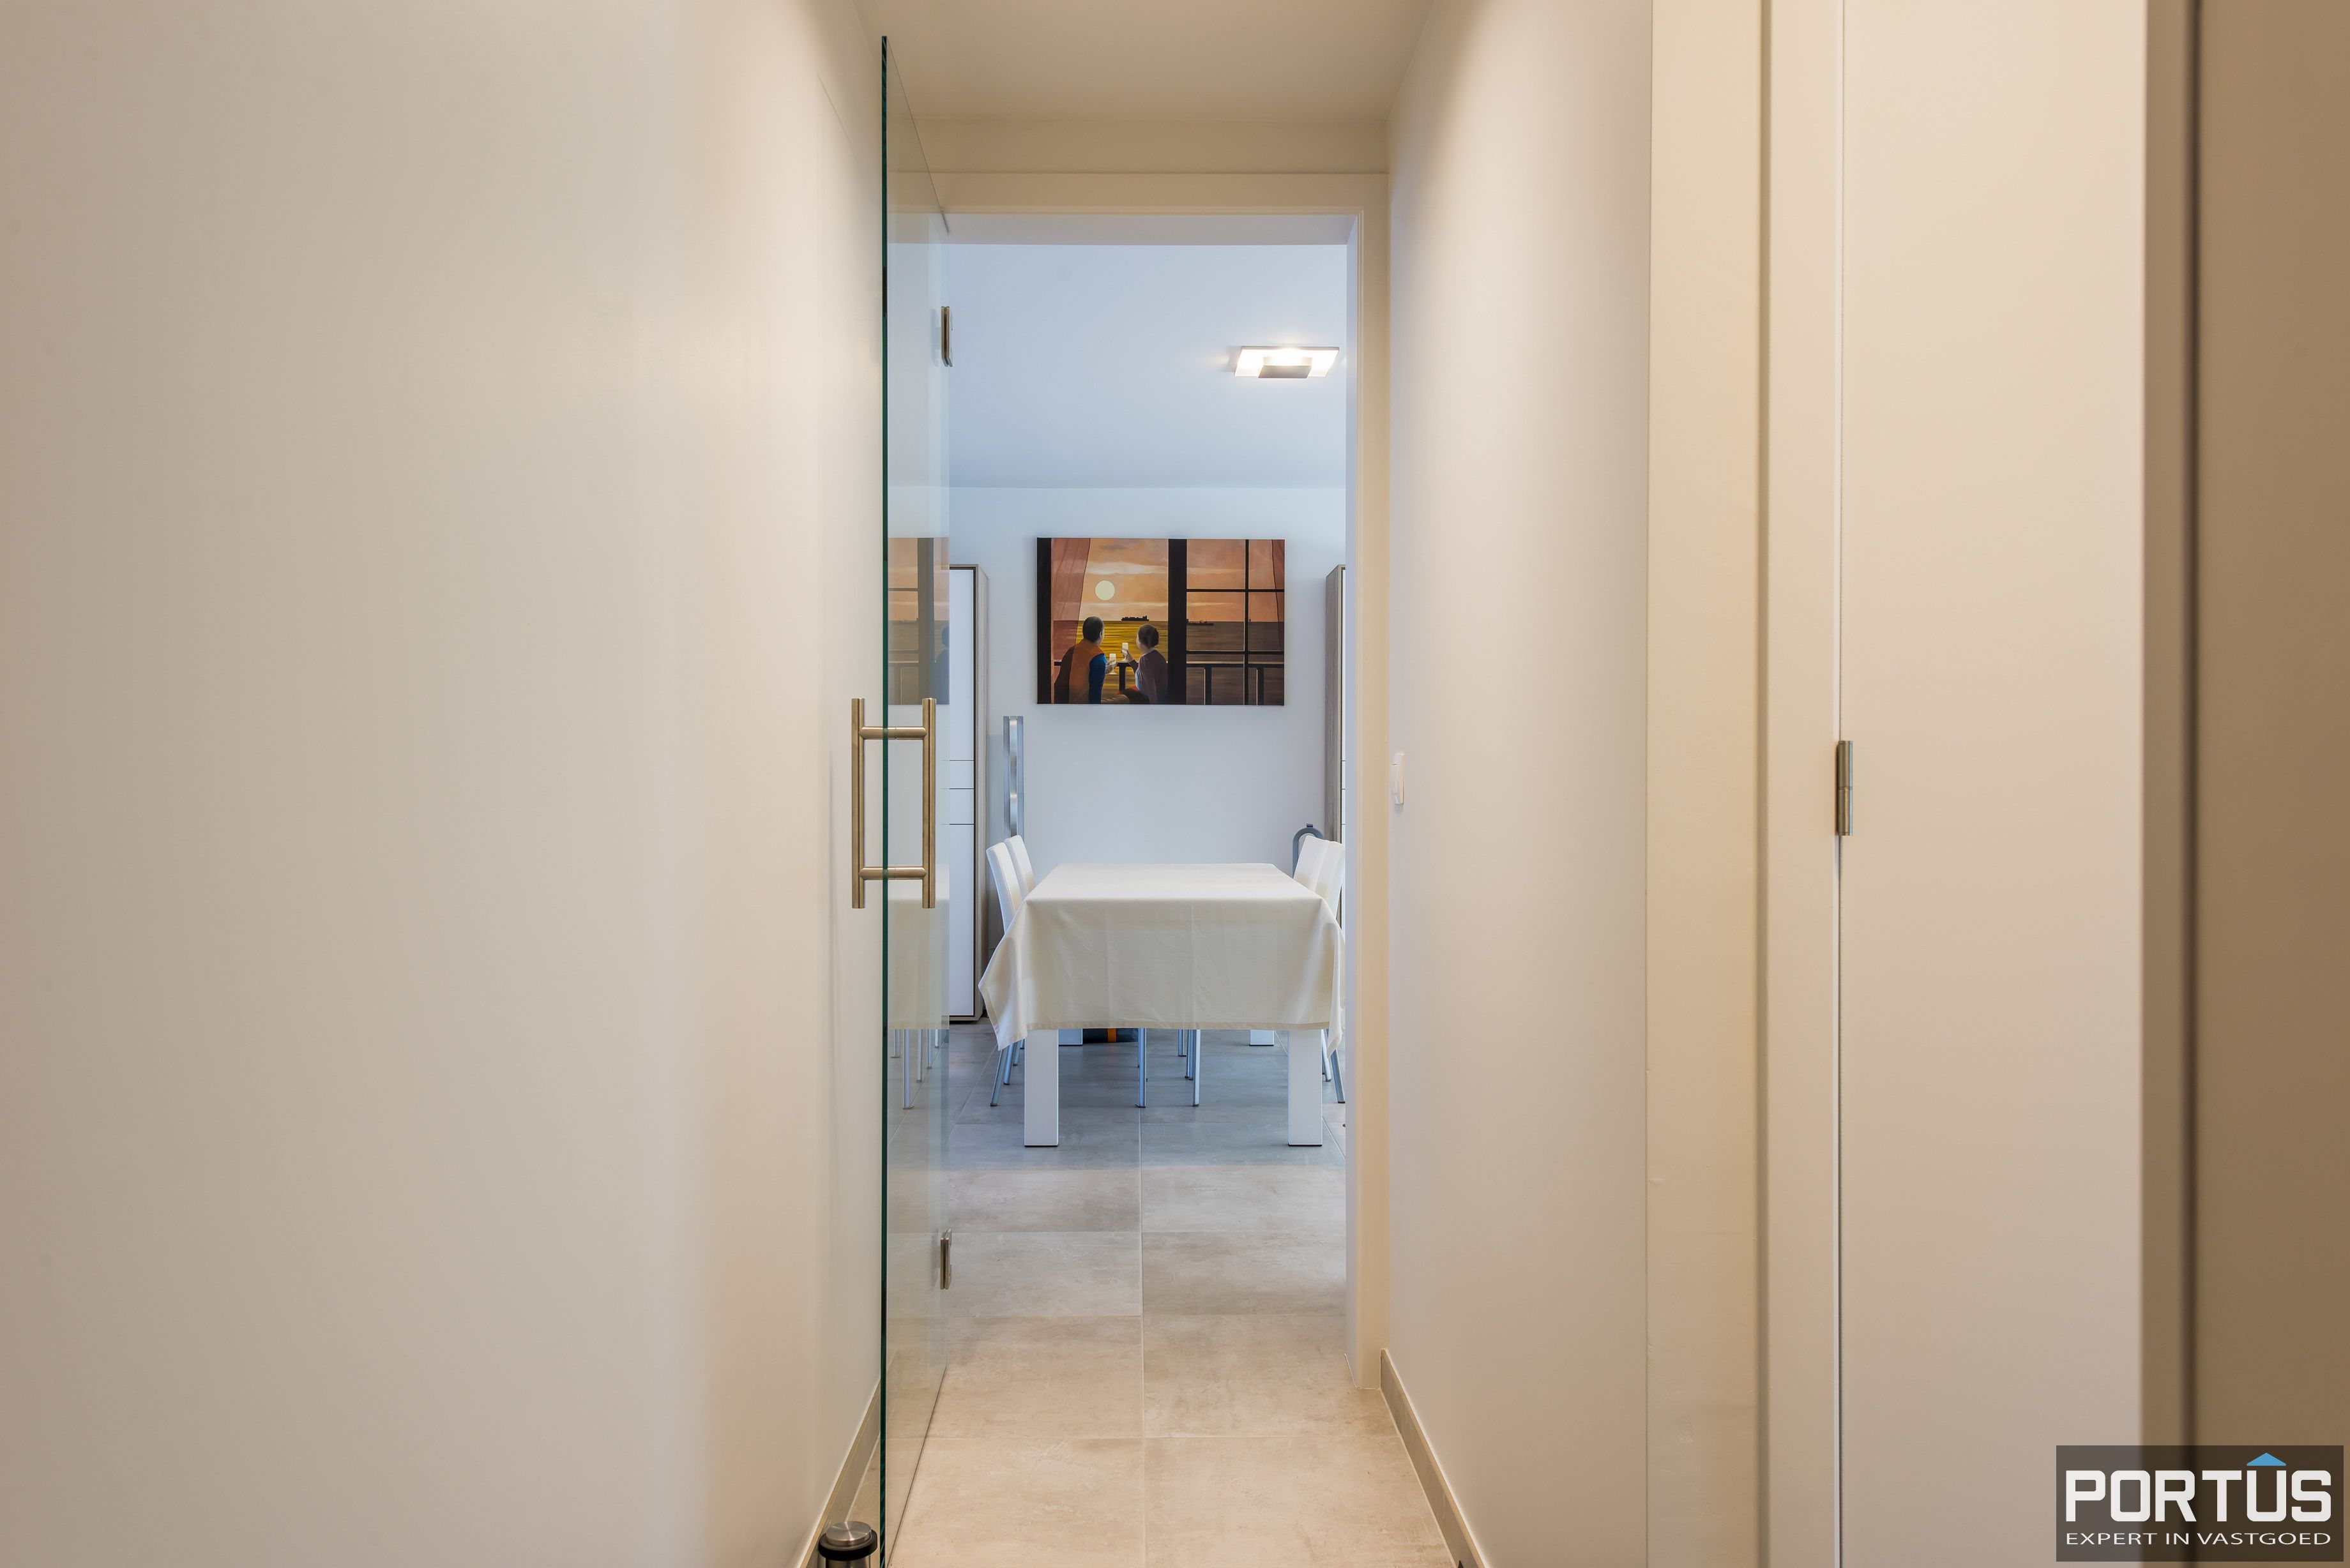 Recent appartement met 2 slaapkamers te koop te Nieuwpoort - 11401